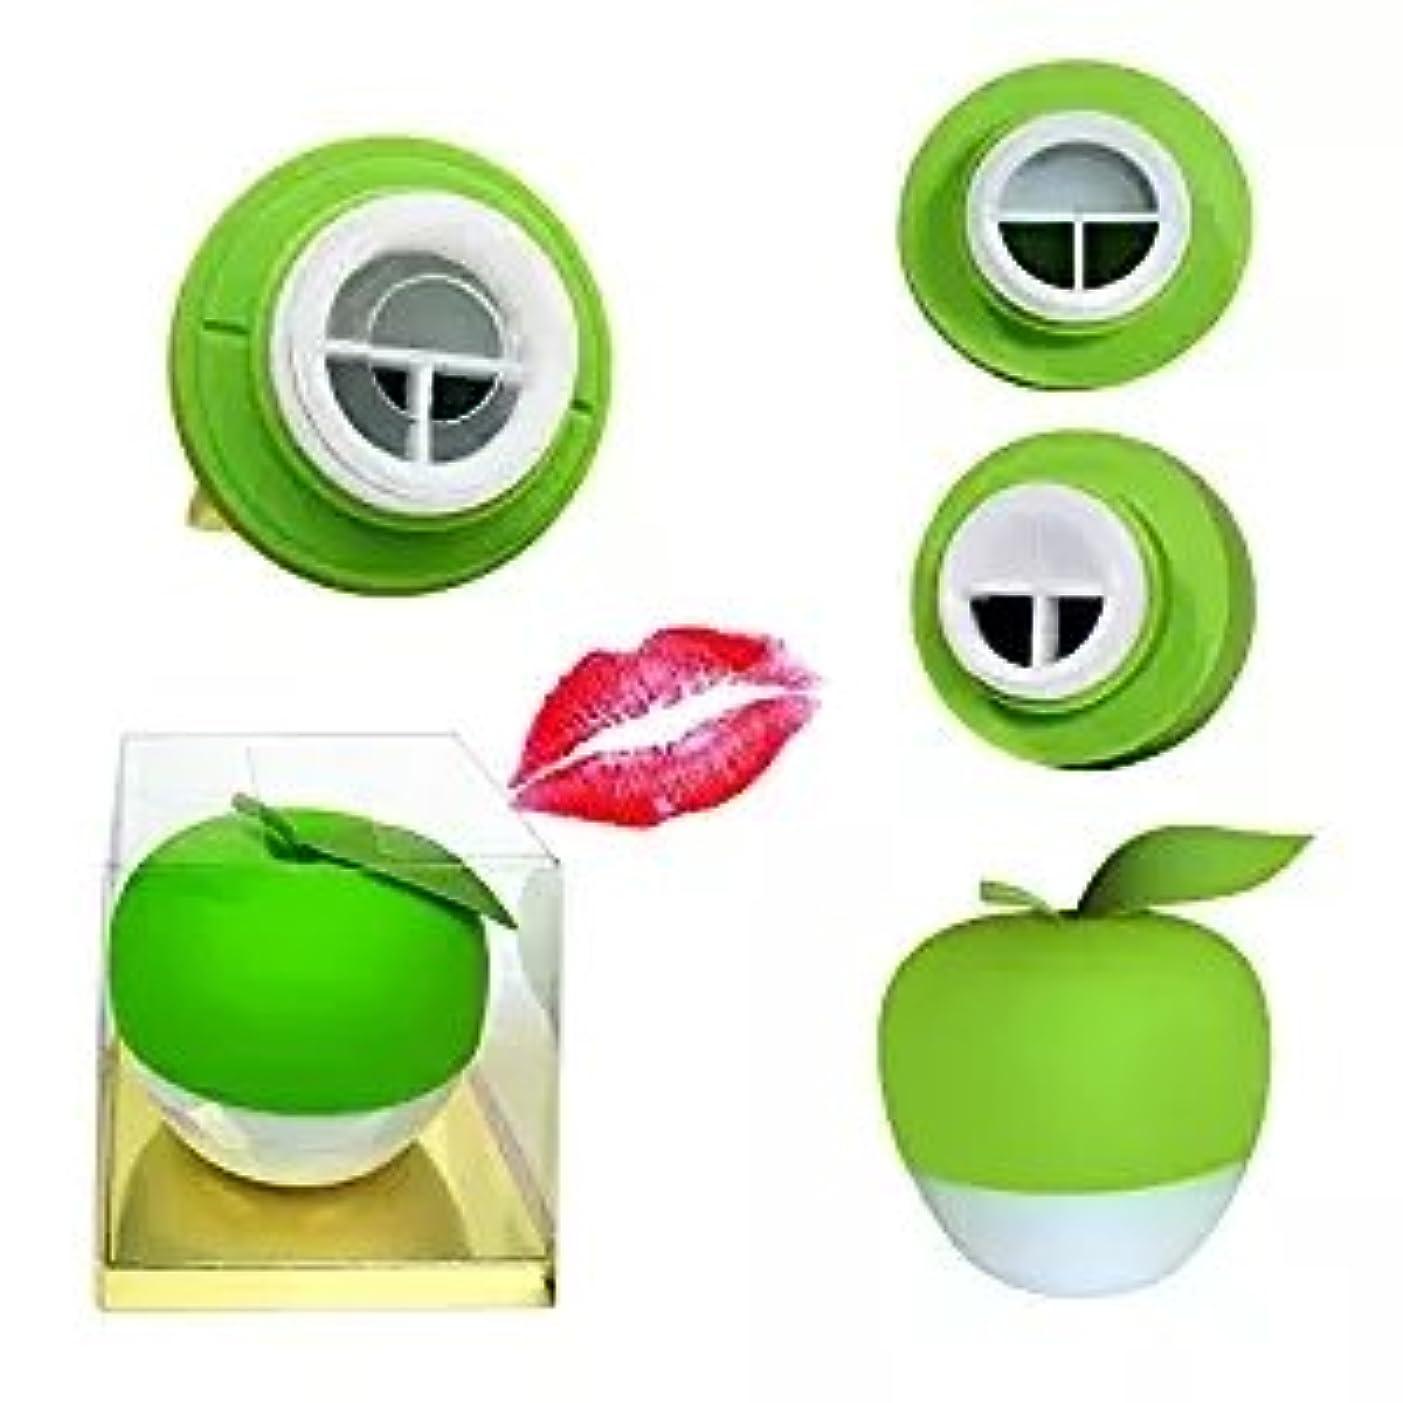 共和国剥離トランペットYartar リップエンハンサー セクシーリップス  シリコン製 コンパクト ピンク Lip Plumper (グリーン)